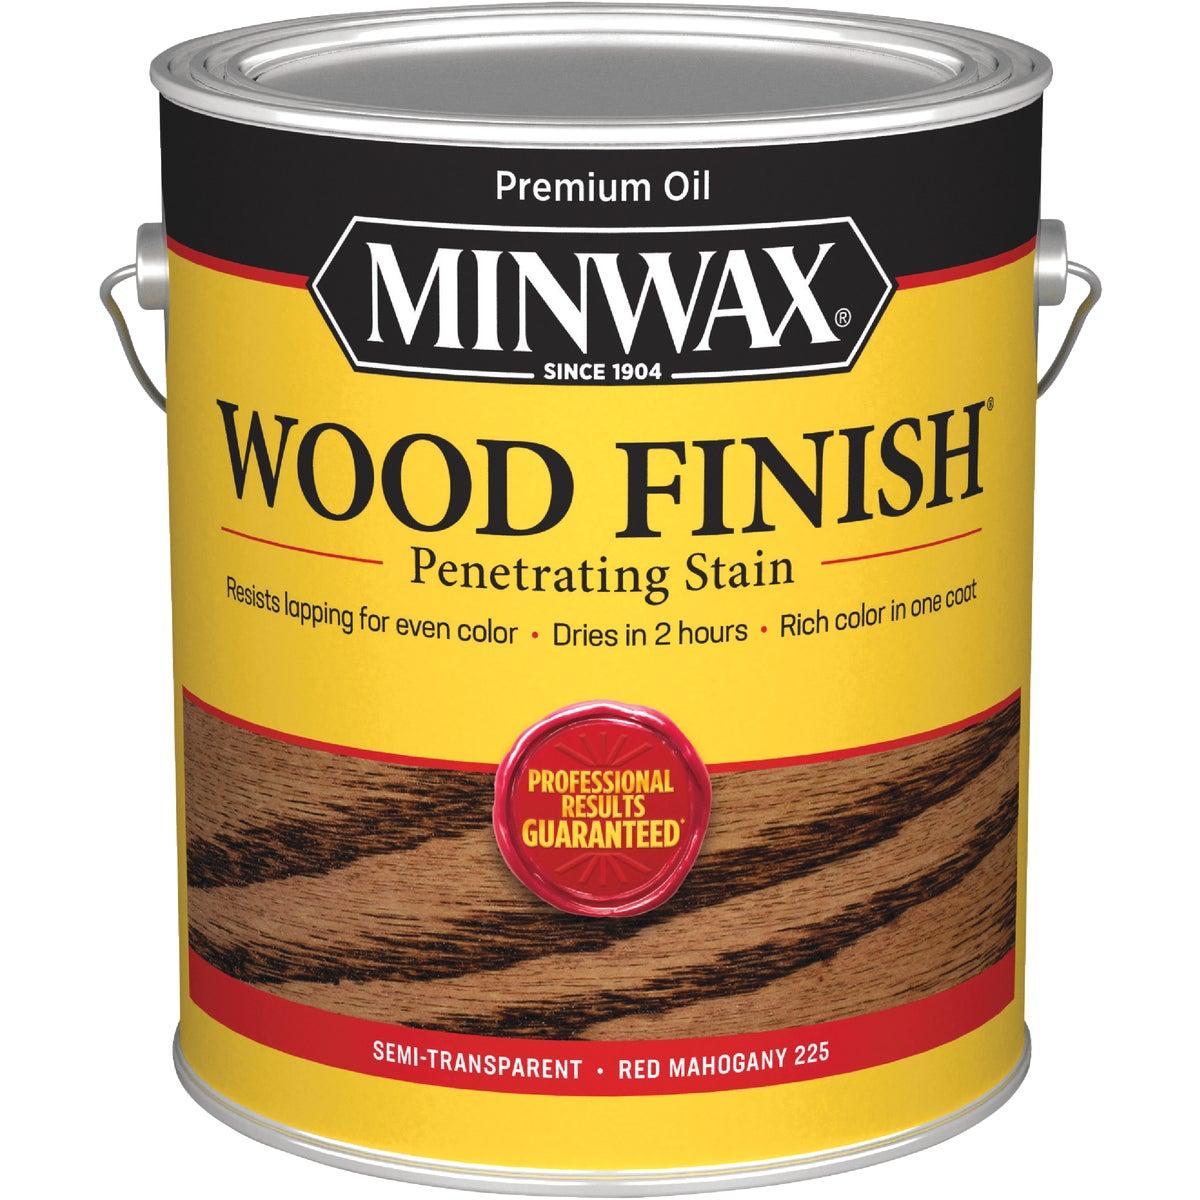 RED MAHOGANY WOOD STAIN - 71007 by Minwax Company